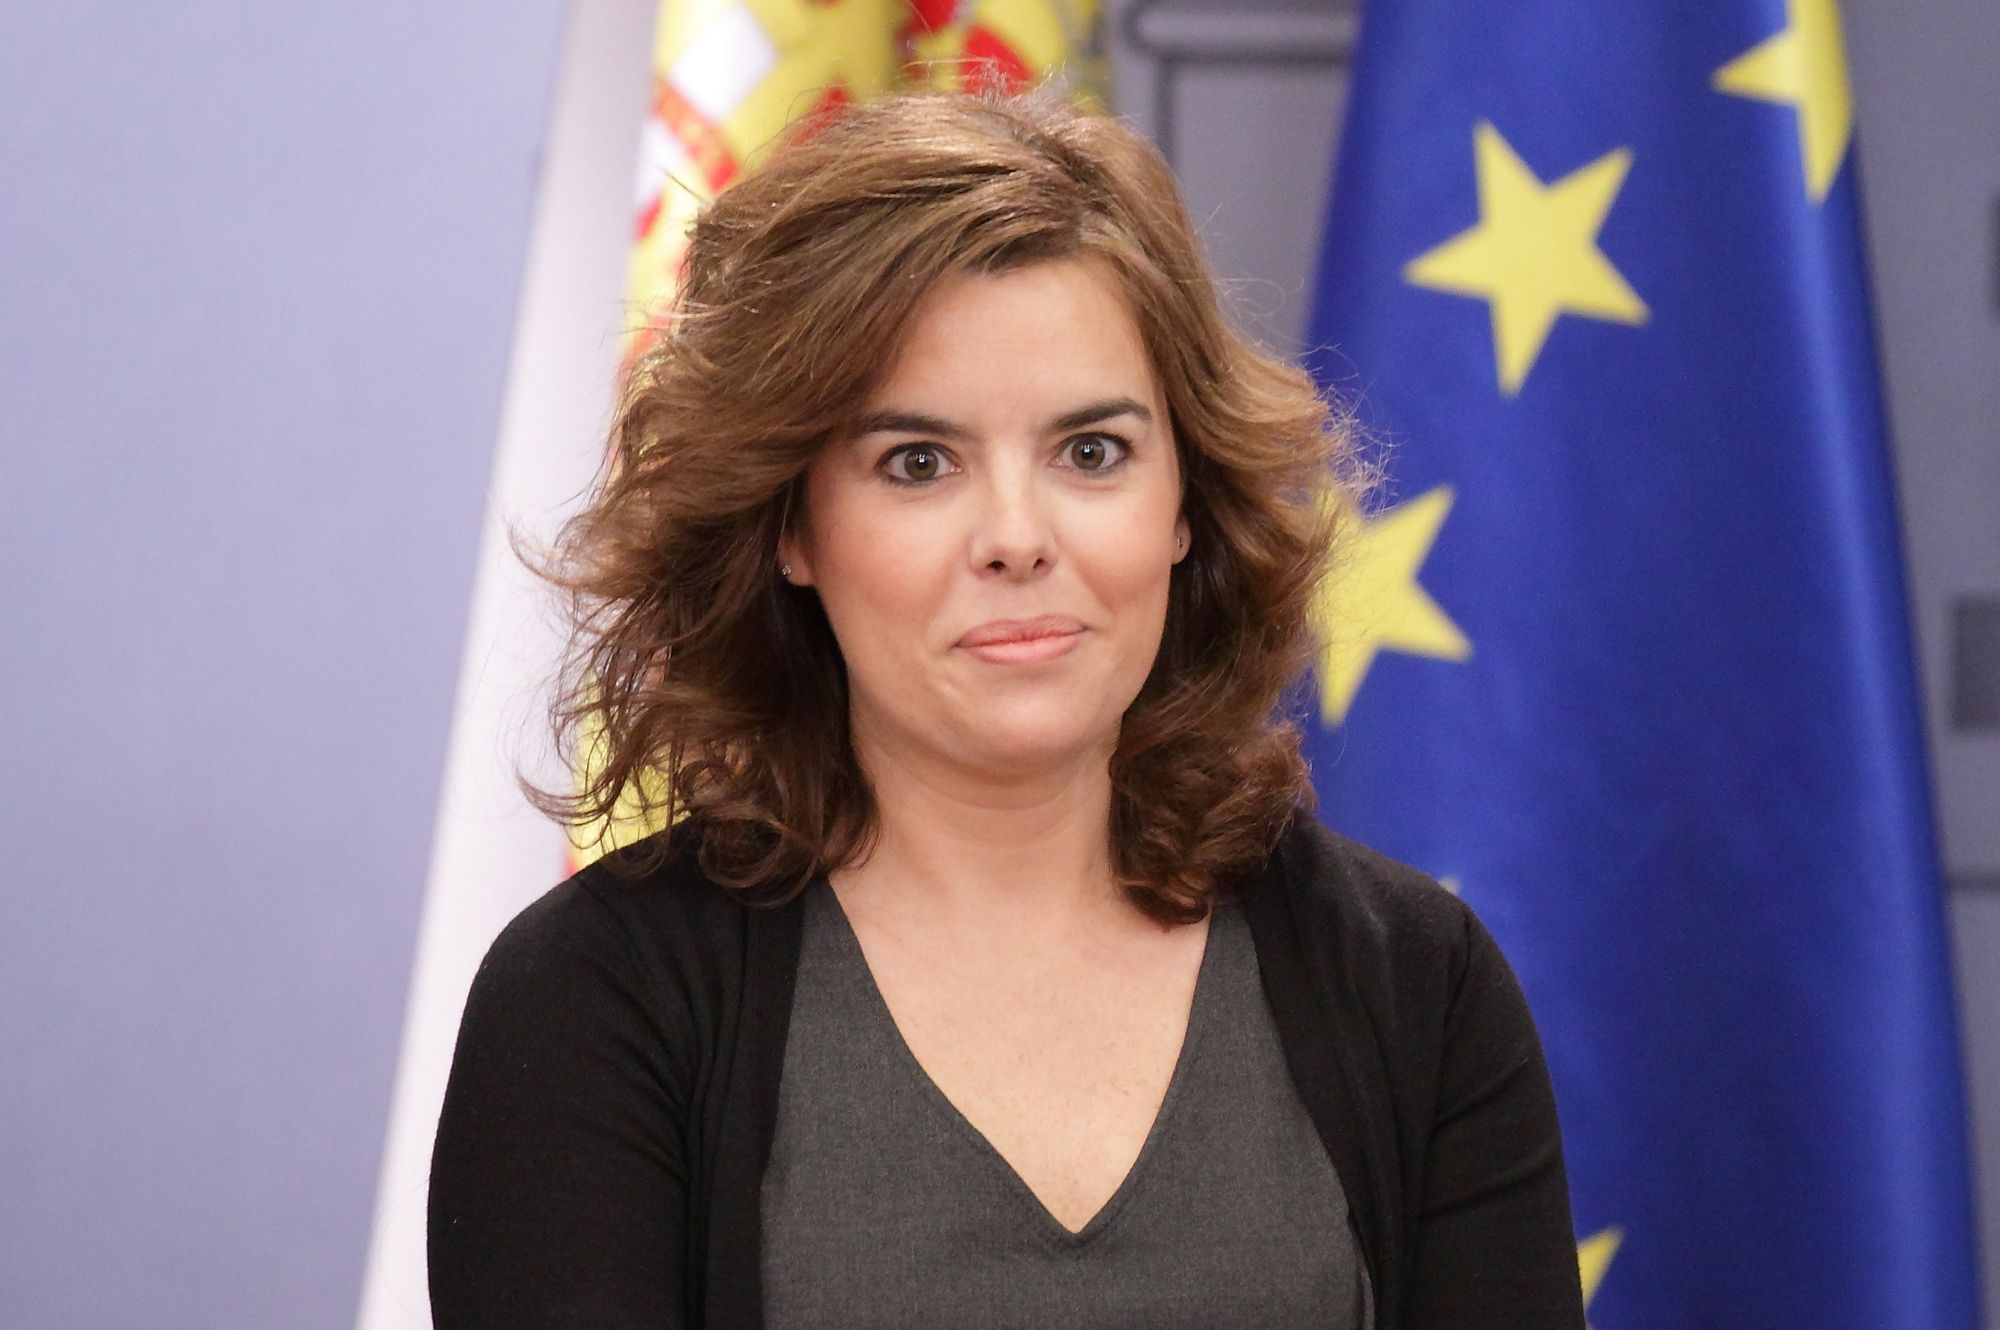 La vicrepresidenta, Soraya Saenz de Santamaría. ¿Qué opinas?